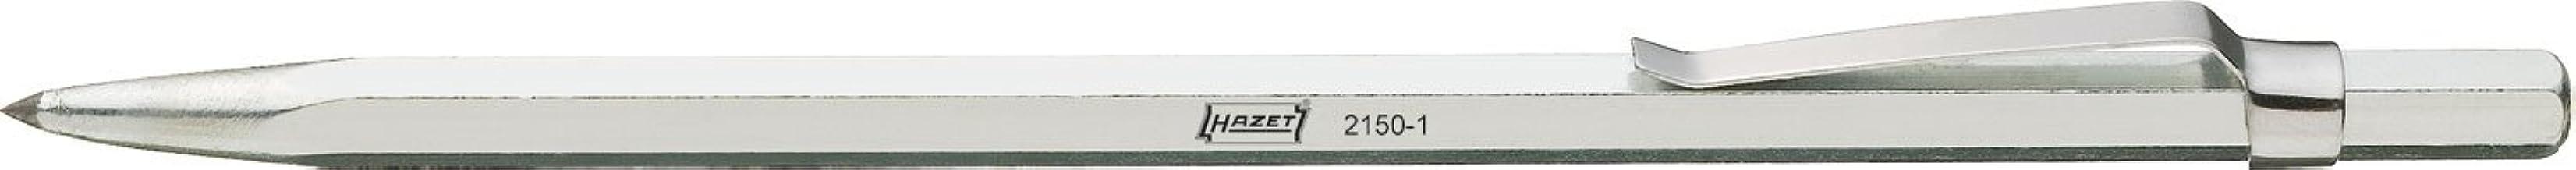 Hazet 2150-1 Märkningsverktyg, Flerfärgade, 150 mm